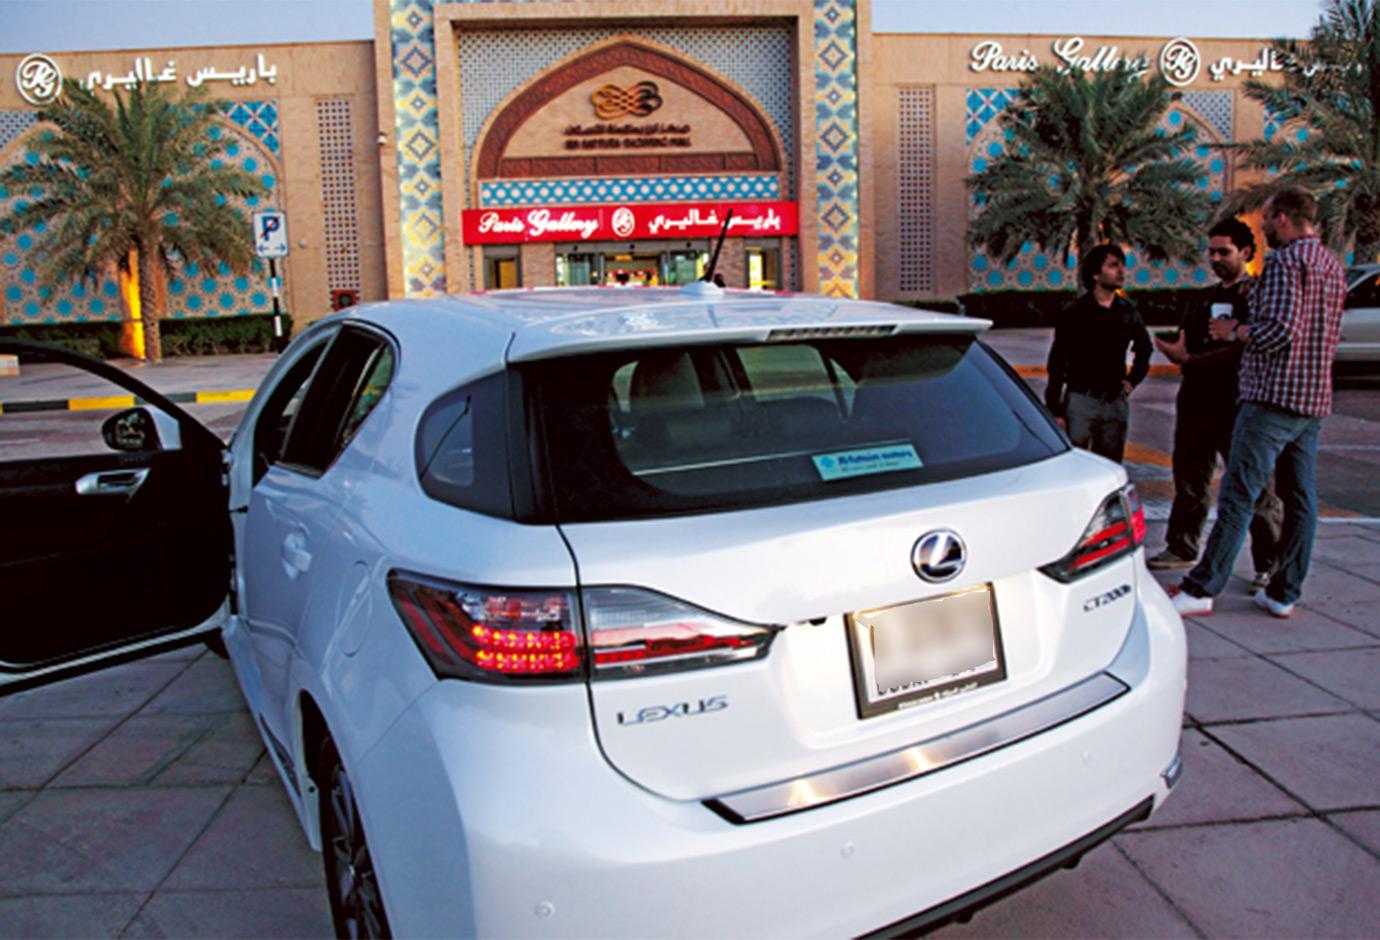 3 million toyota car recall includes uae